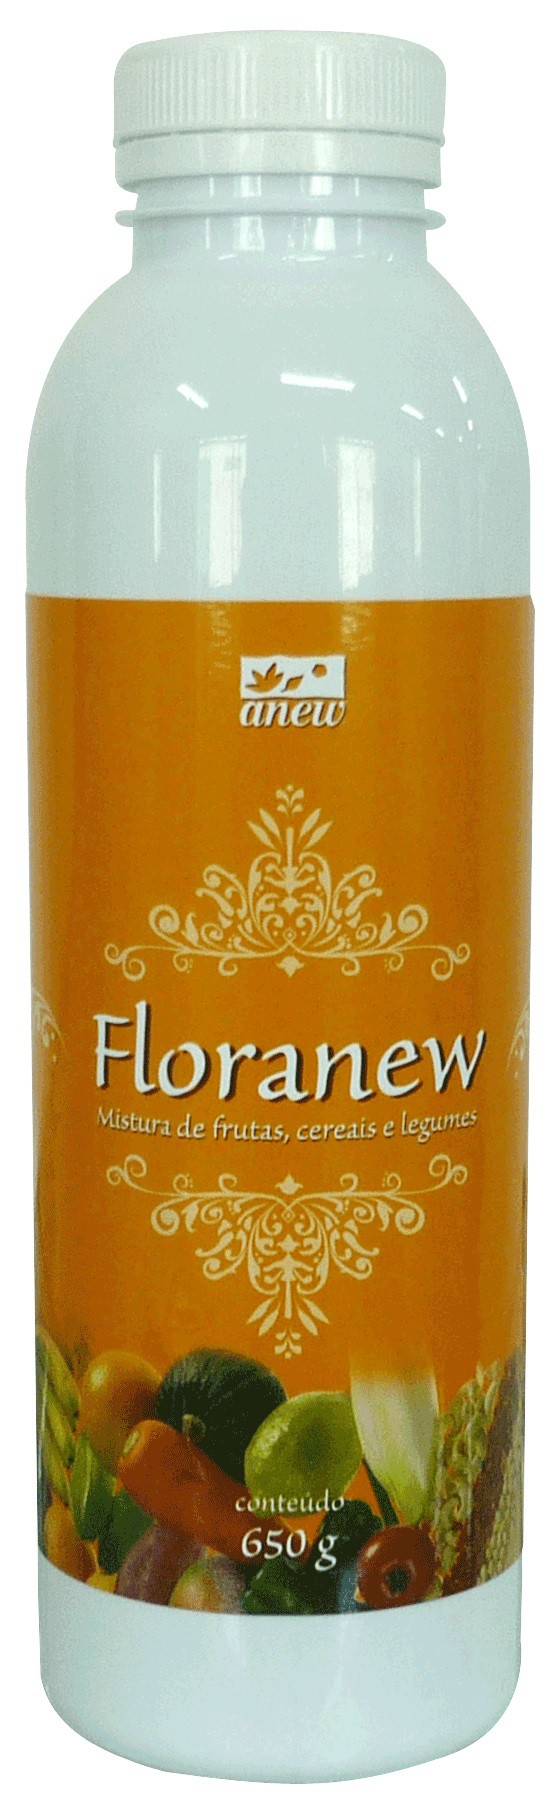 Floranew Garrafa 650g